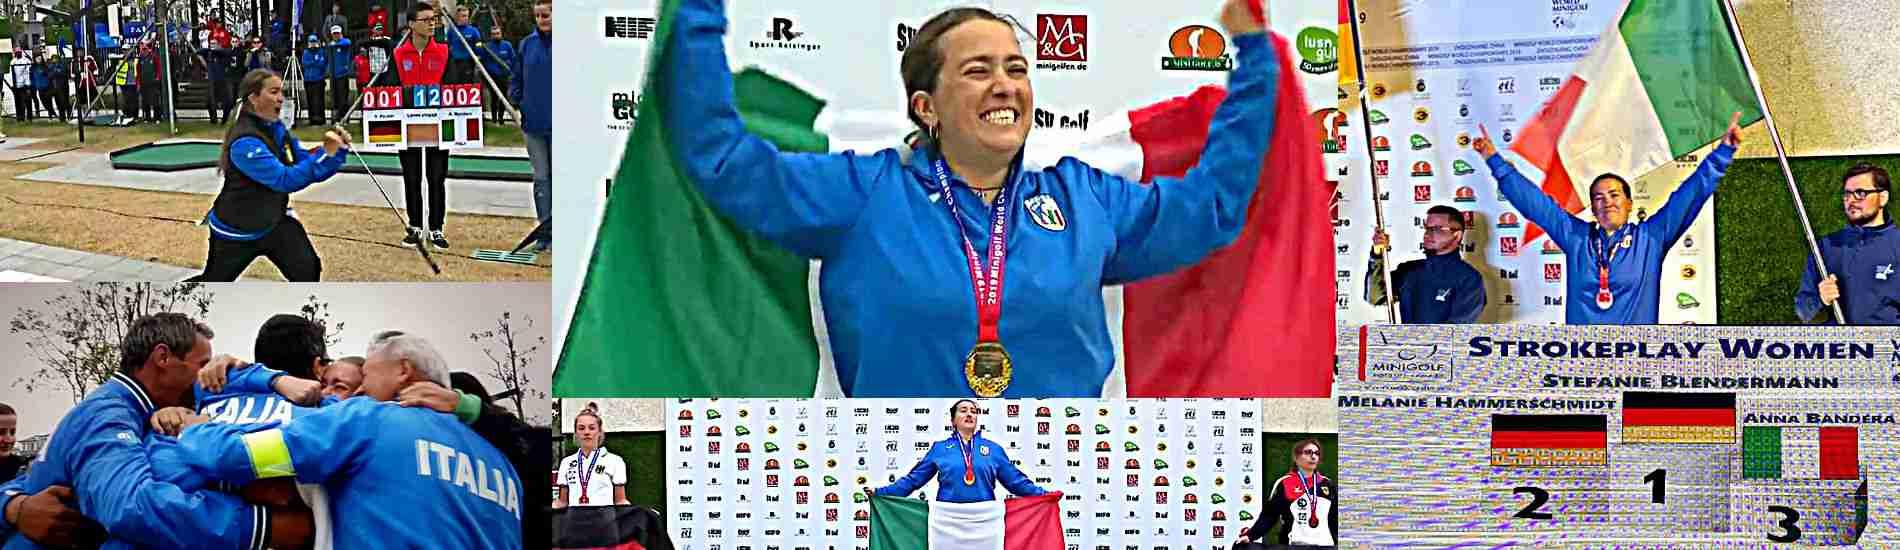 Anna Bandera Campionessa Mondiale 2019